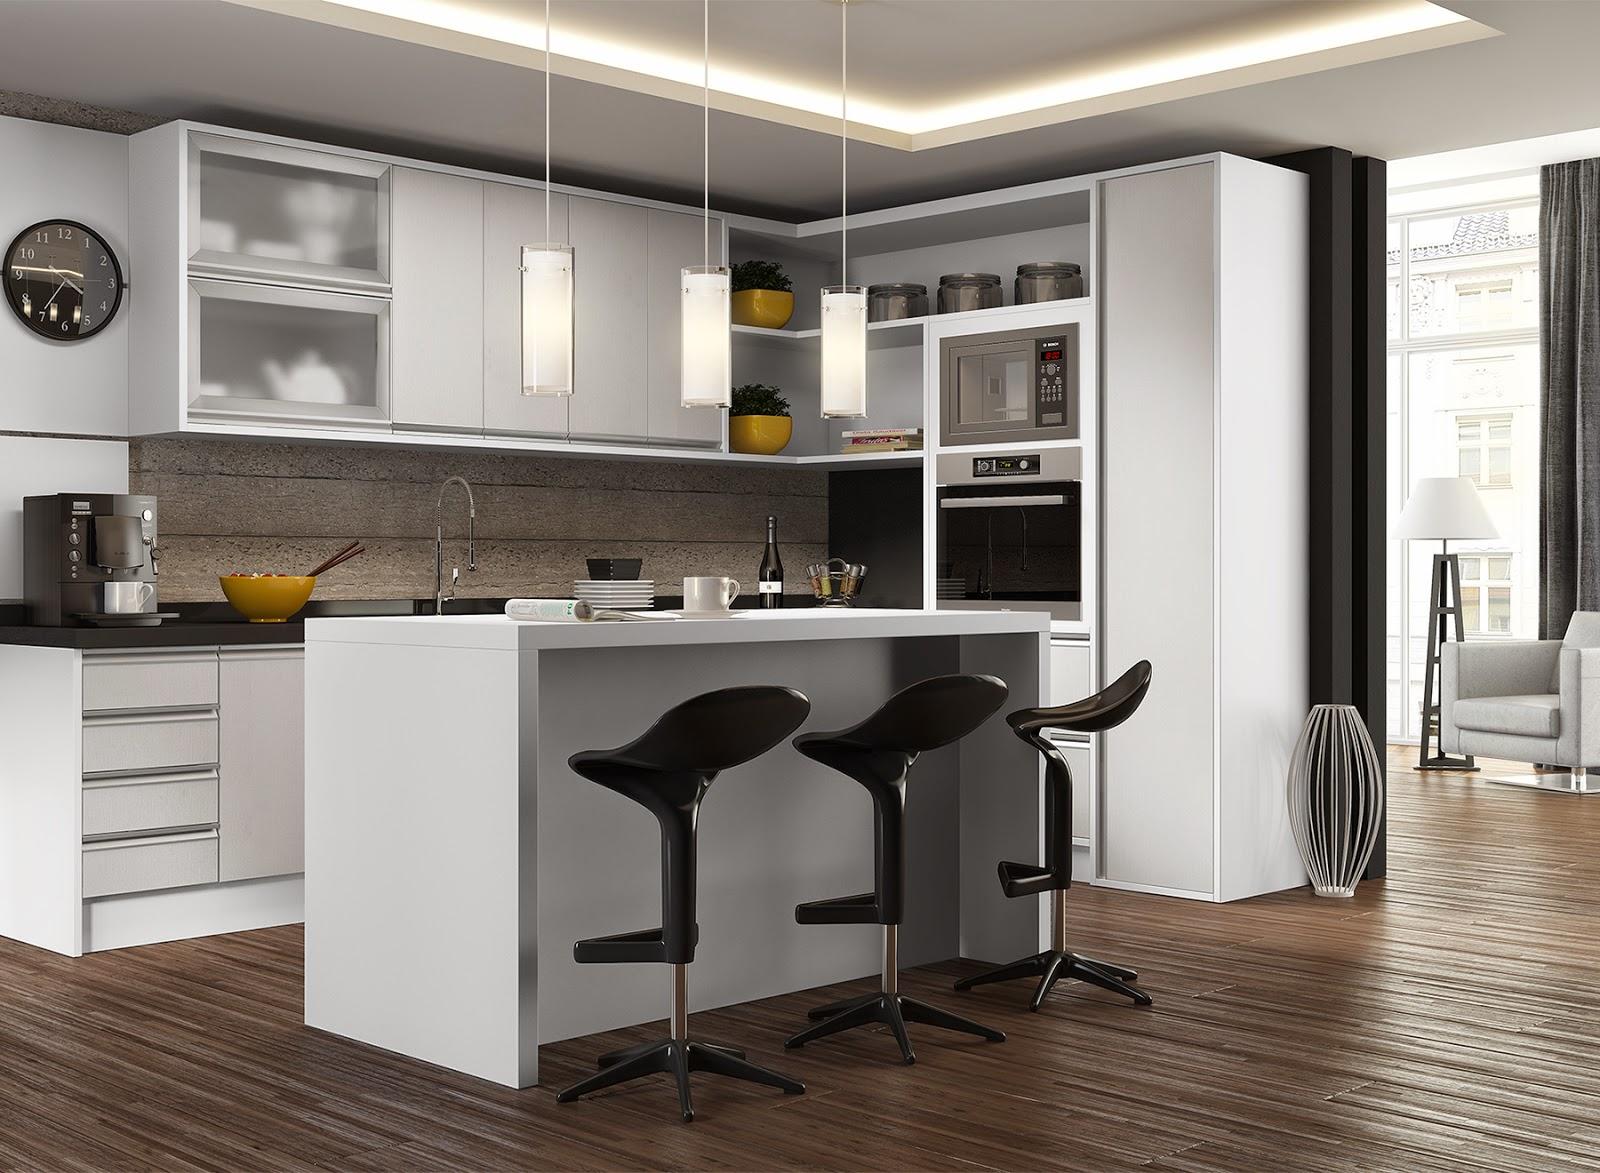 #B07F1B Cozinha planejada. Légno Móveis Planejados 1600x1173 px Projeto Cozinha Planejada Apartamento #2645 imagens